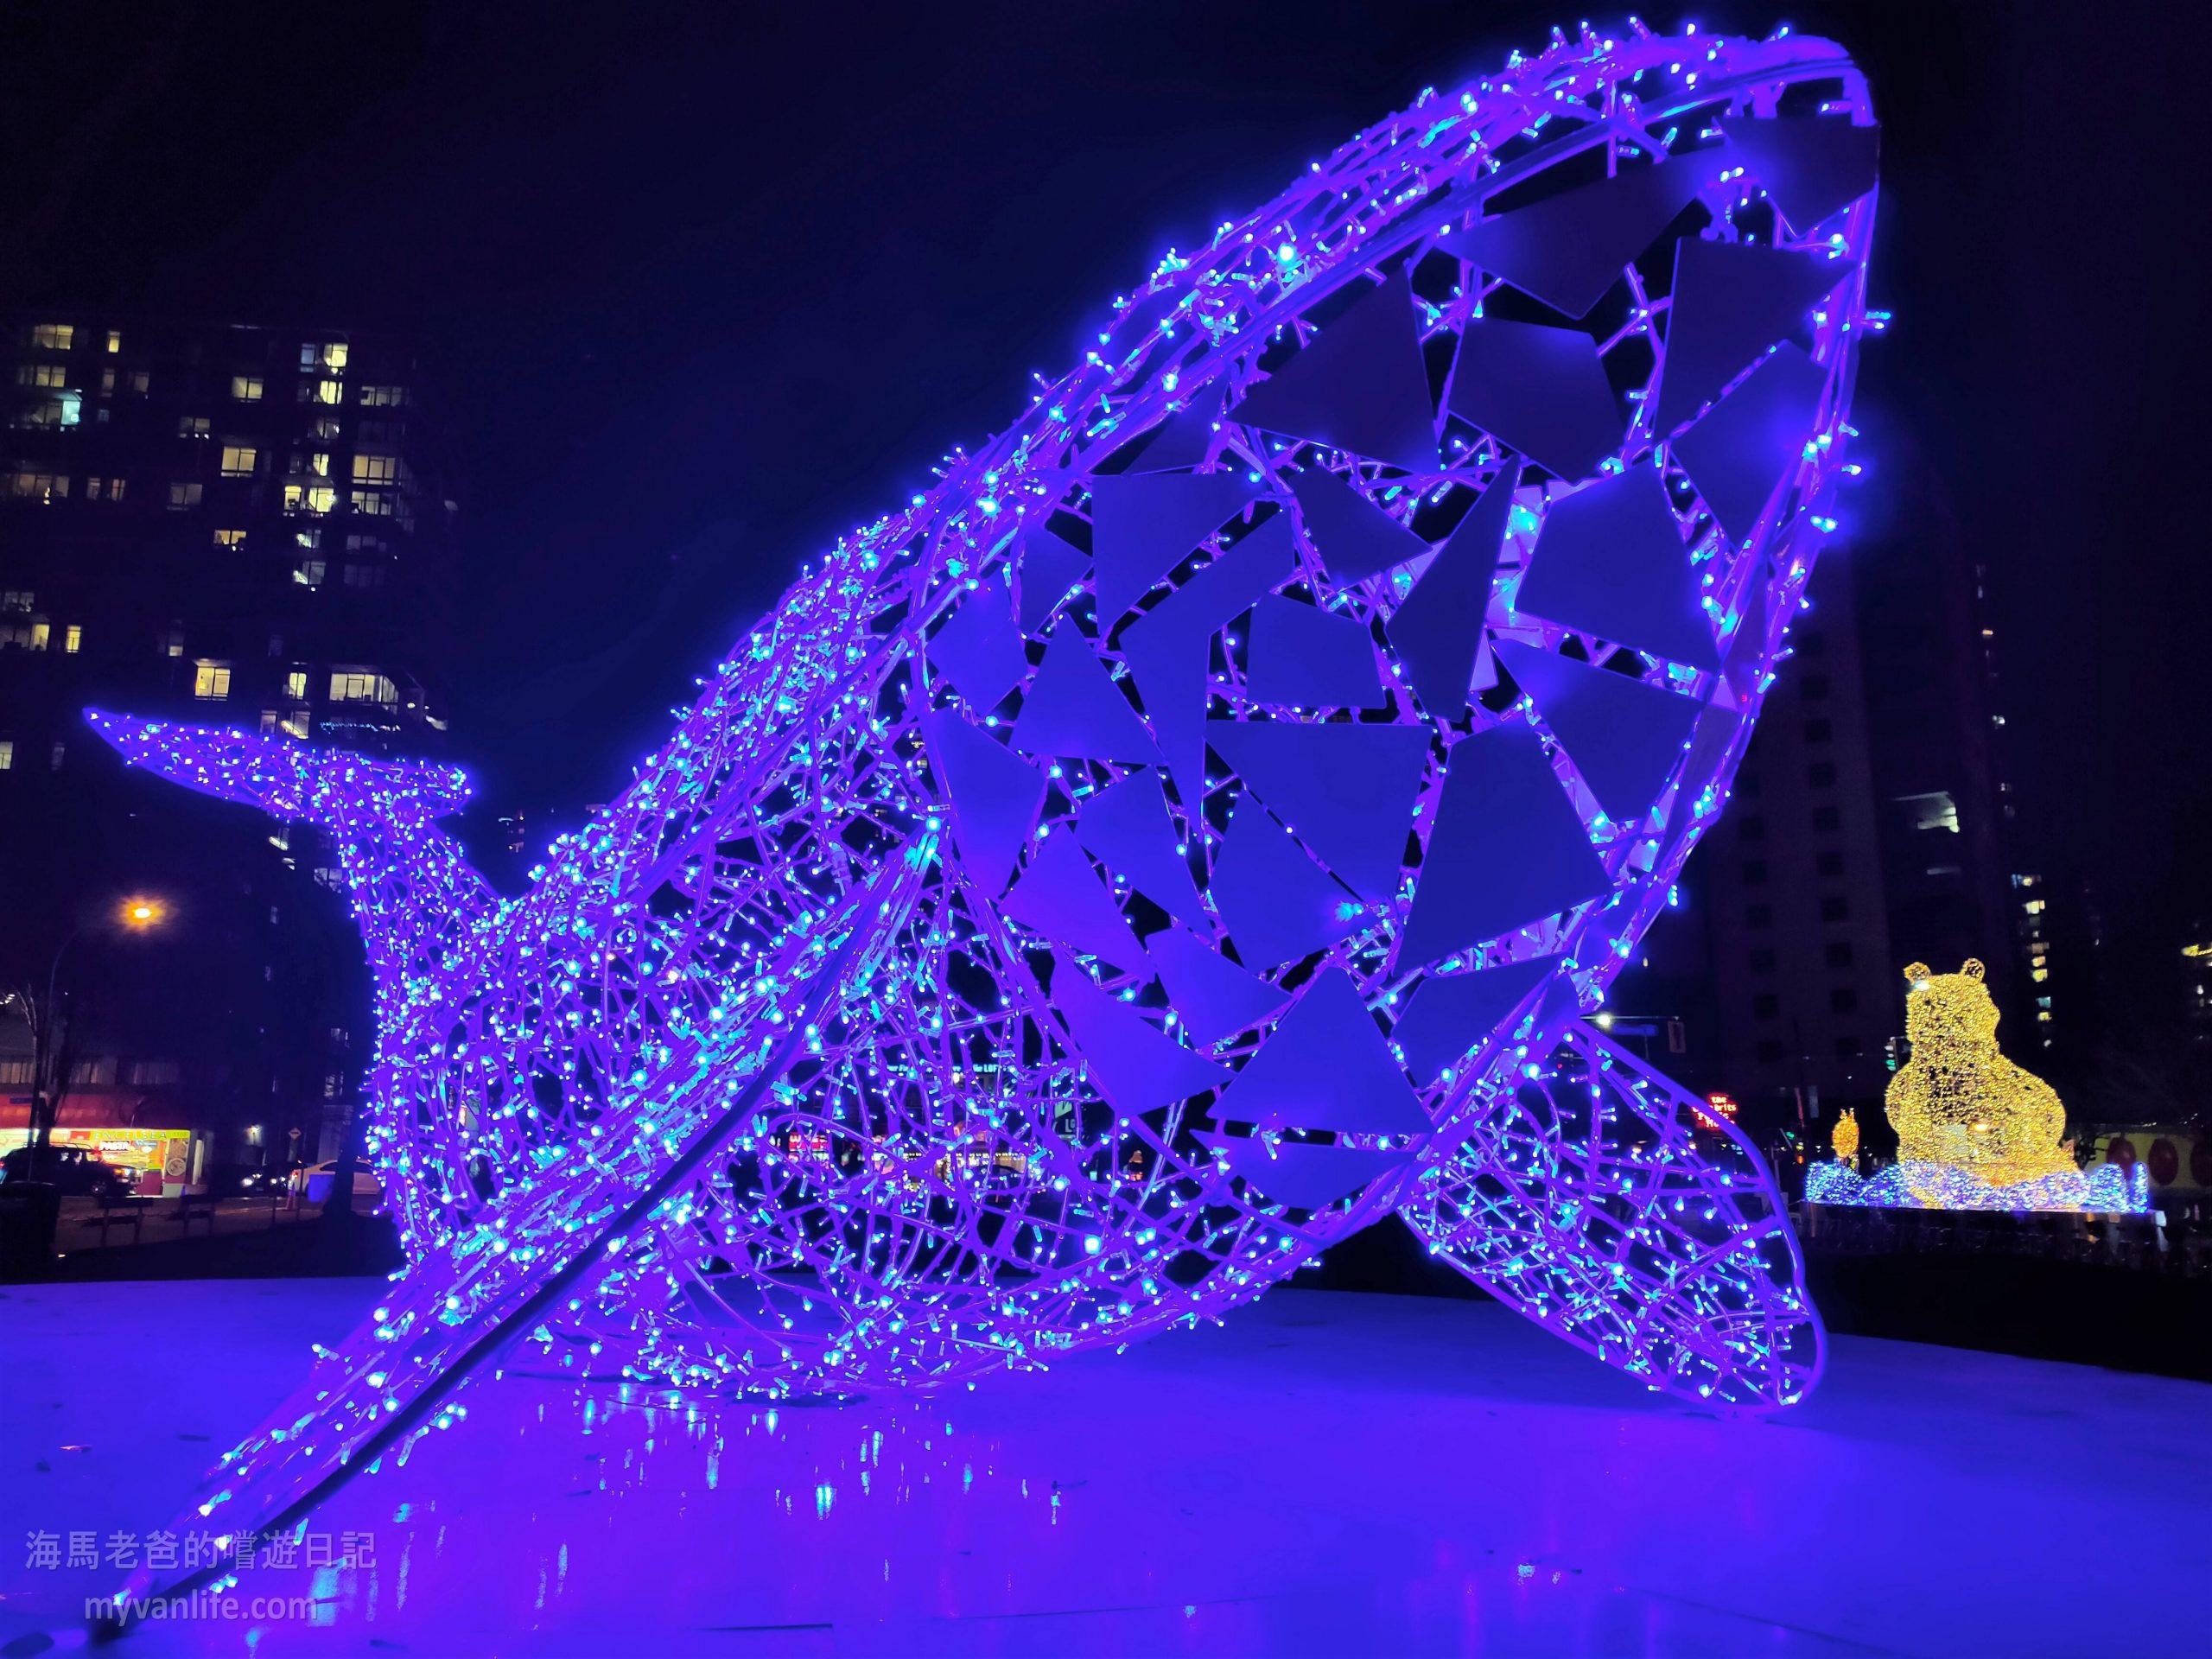 裩痾華聖誕節慶燈飾Illumiere